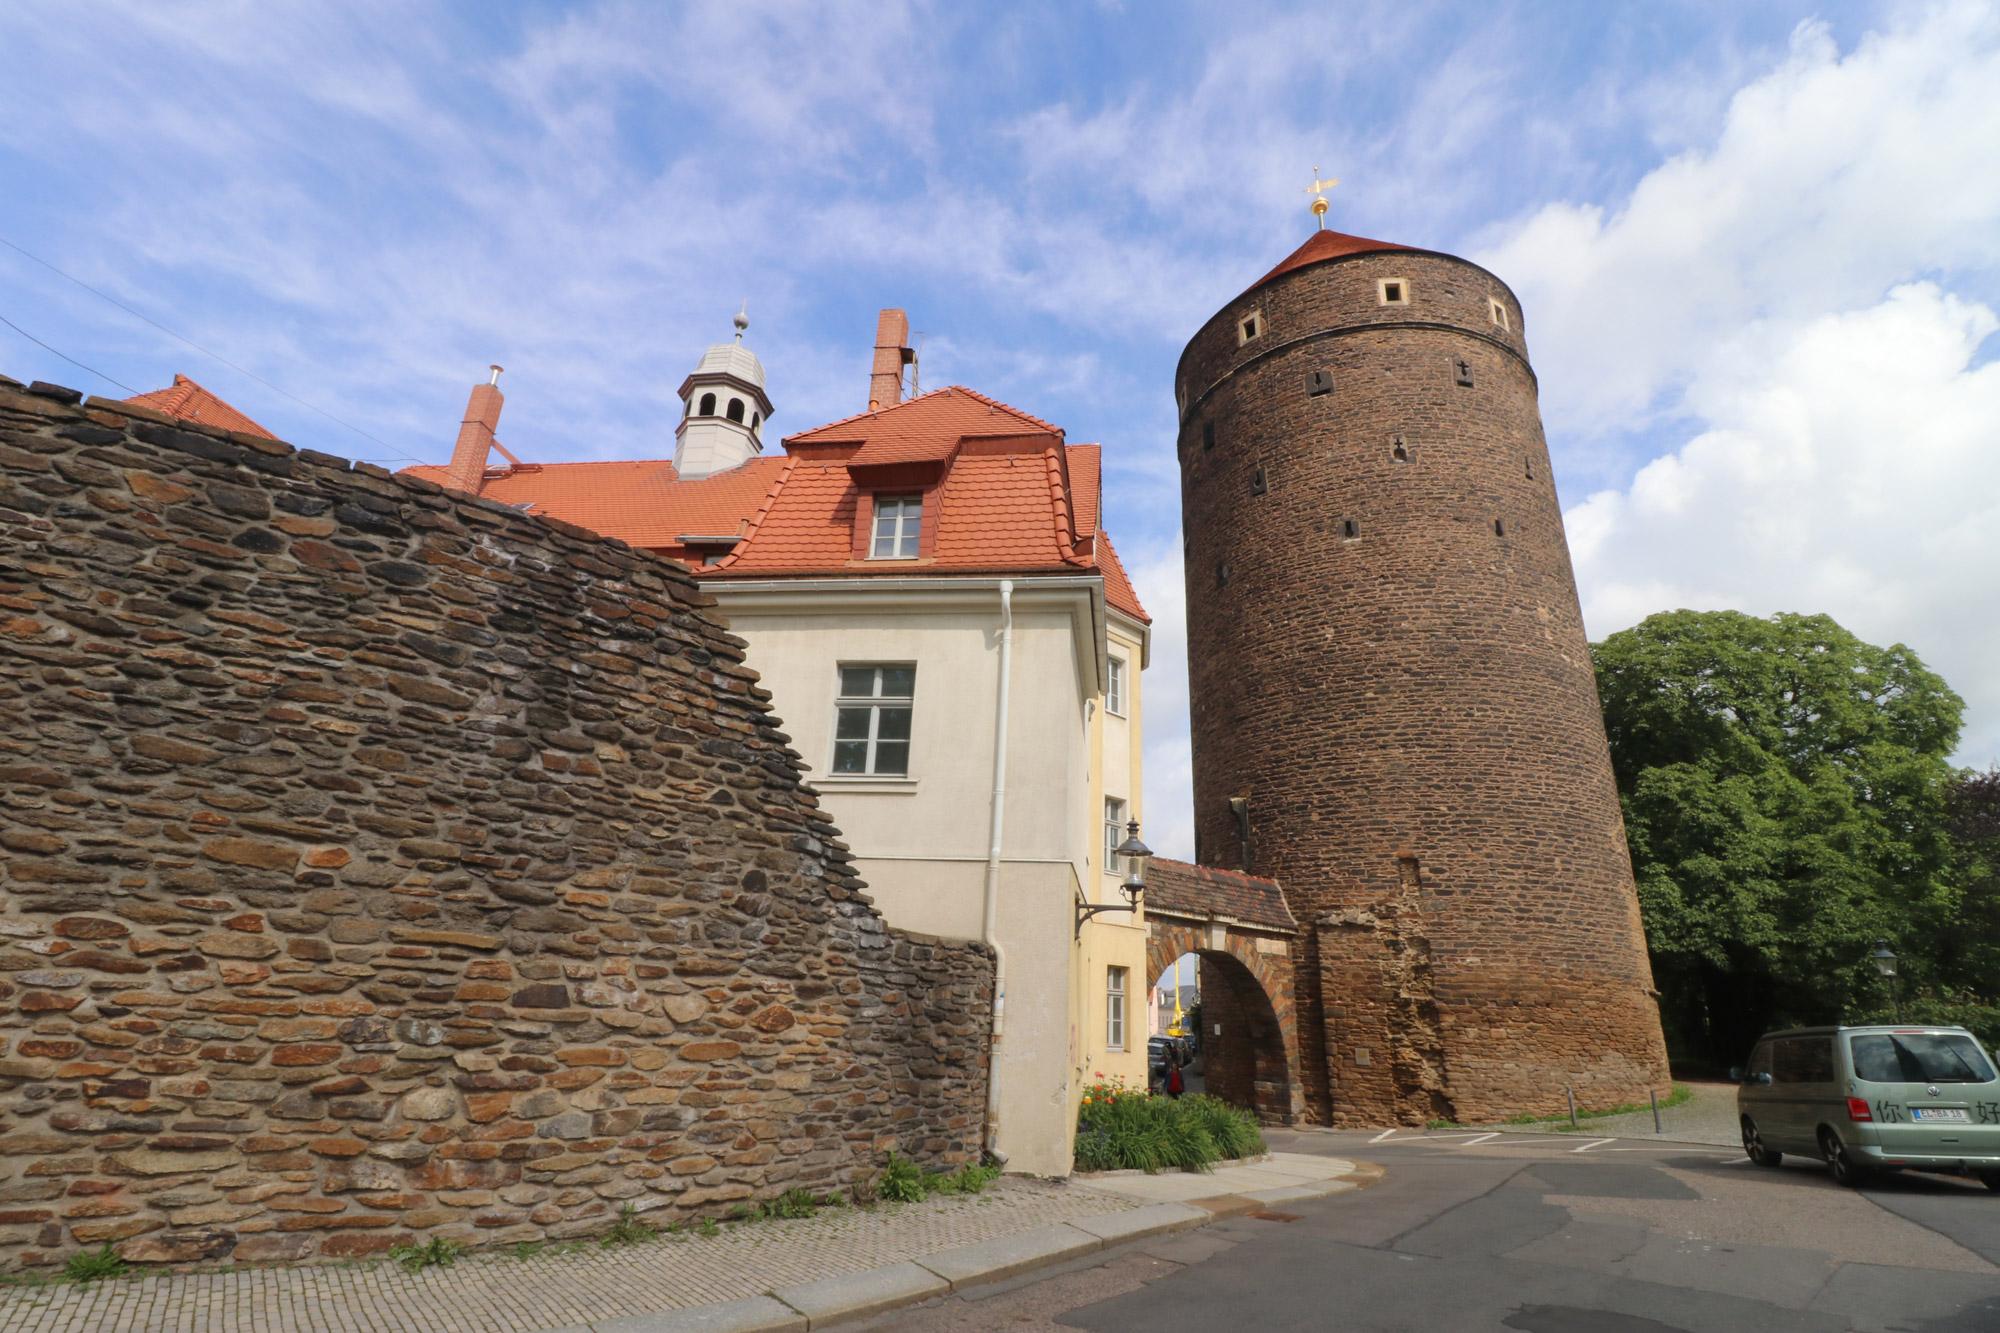 Weekendje Freiberg in 10 beelden - Stadsmuur en torens